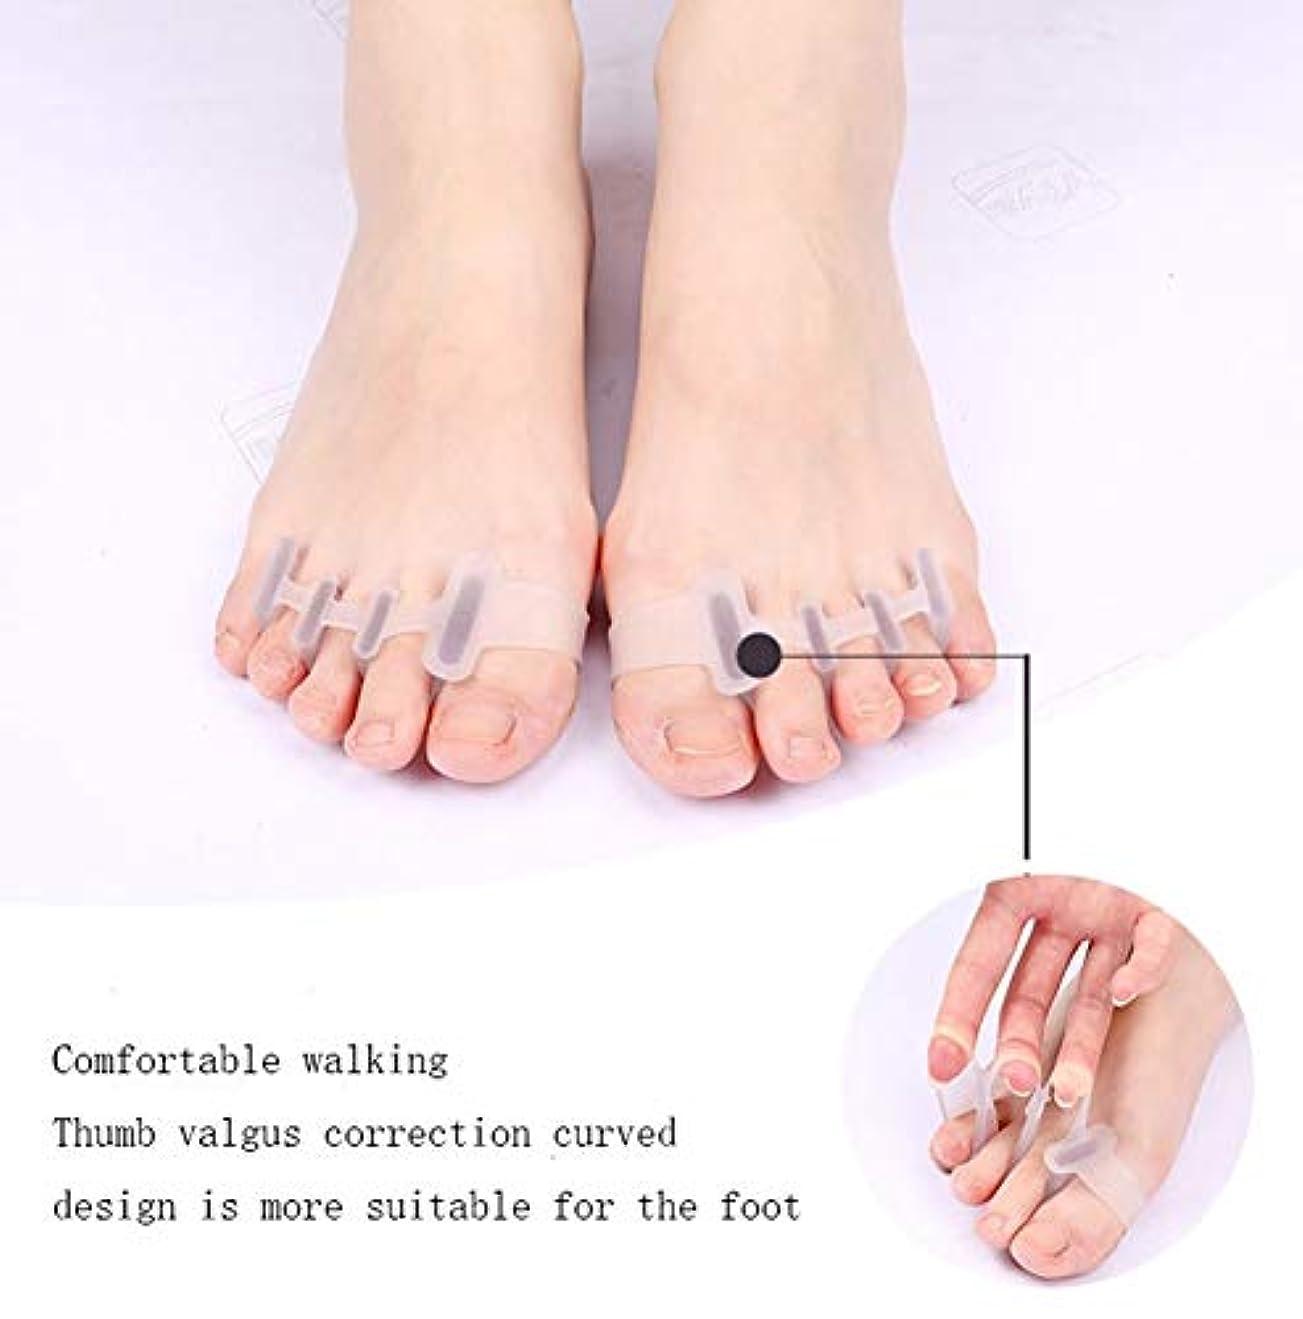 巻き戻す健康テメリティ足装具、ジェル足ストレッチャー、足に適したセパレータインスタント治療親指外反母趾コレクター